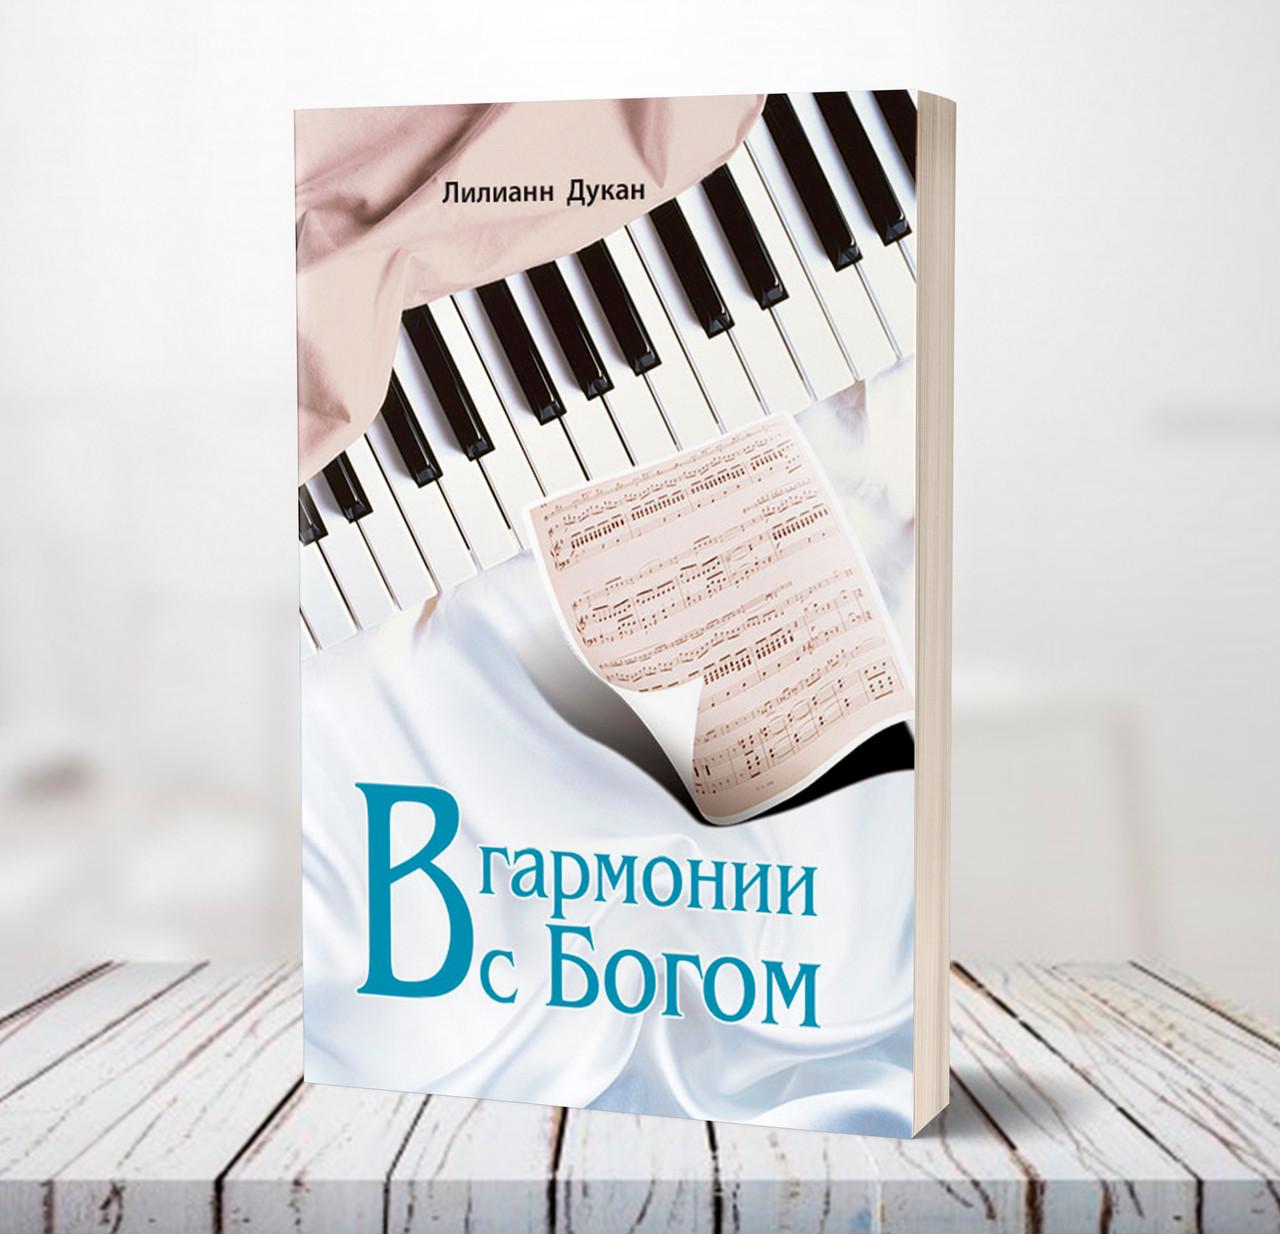 """""""В гармонии с Богом"""" Лилианн Дукан"""